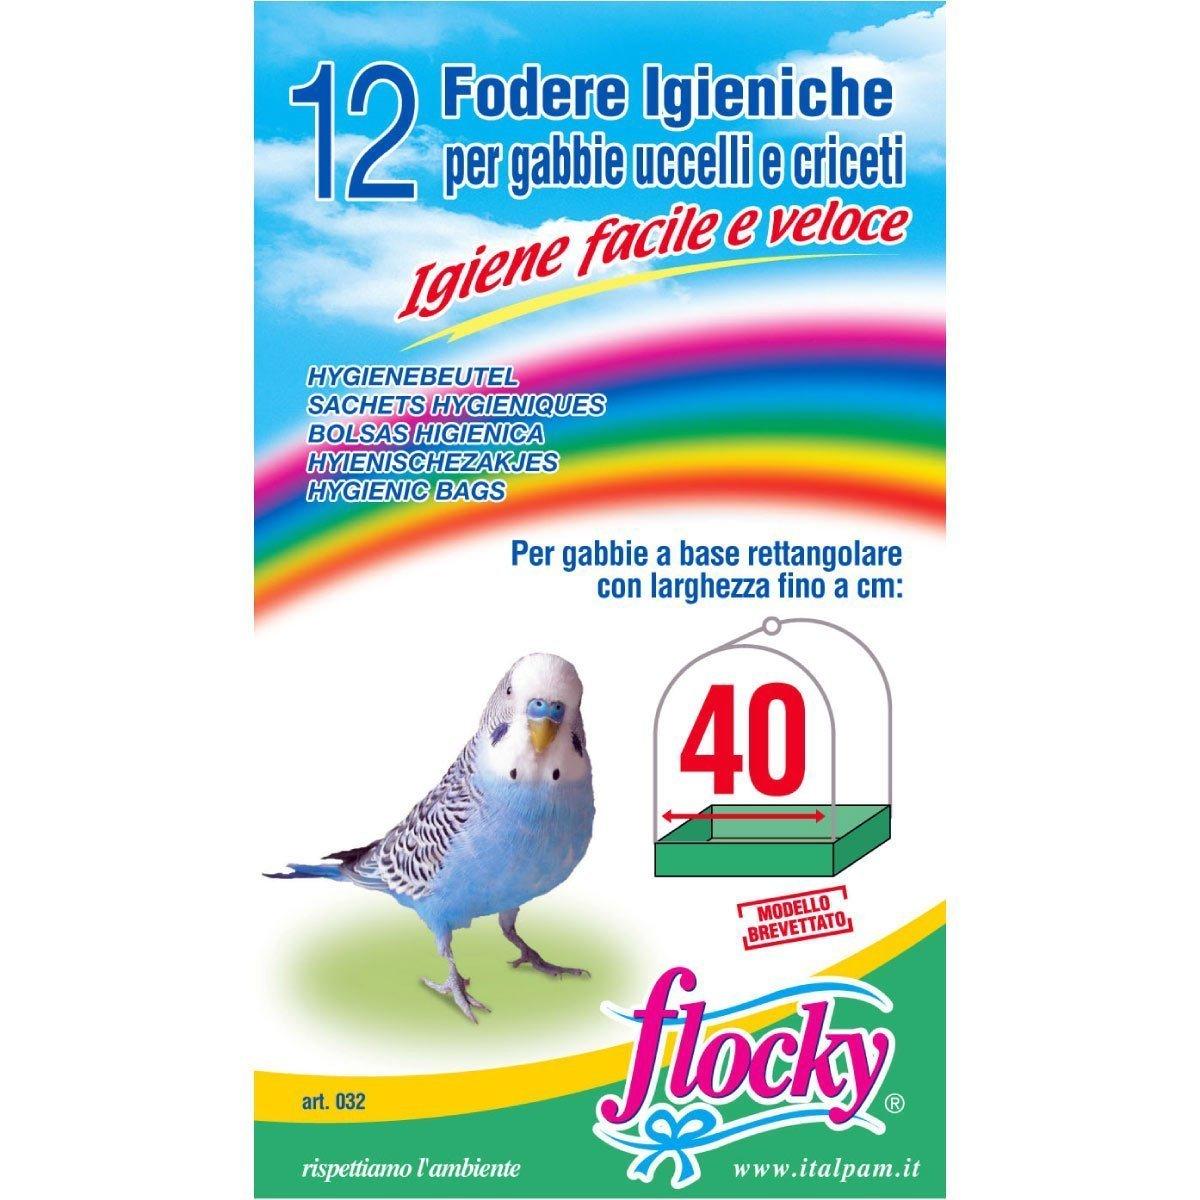 Flocky | Fodere per gabbie uccelli | art.032